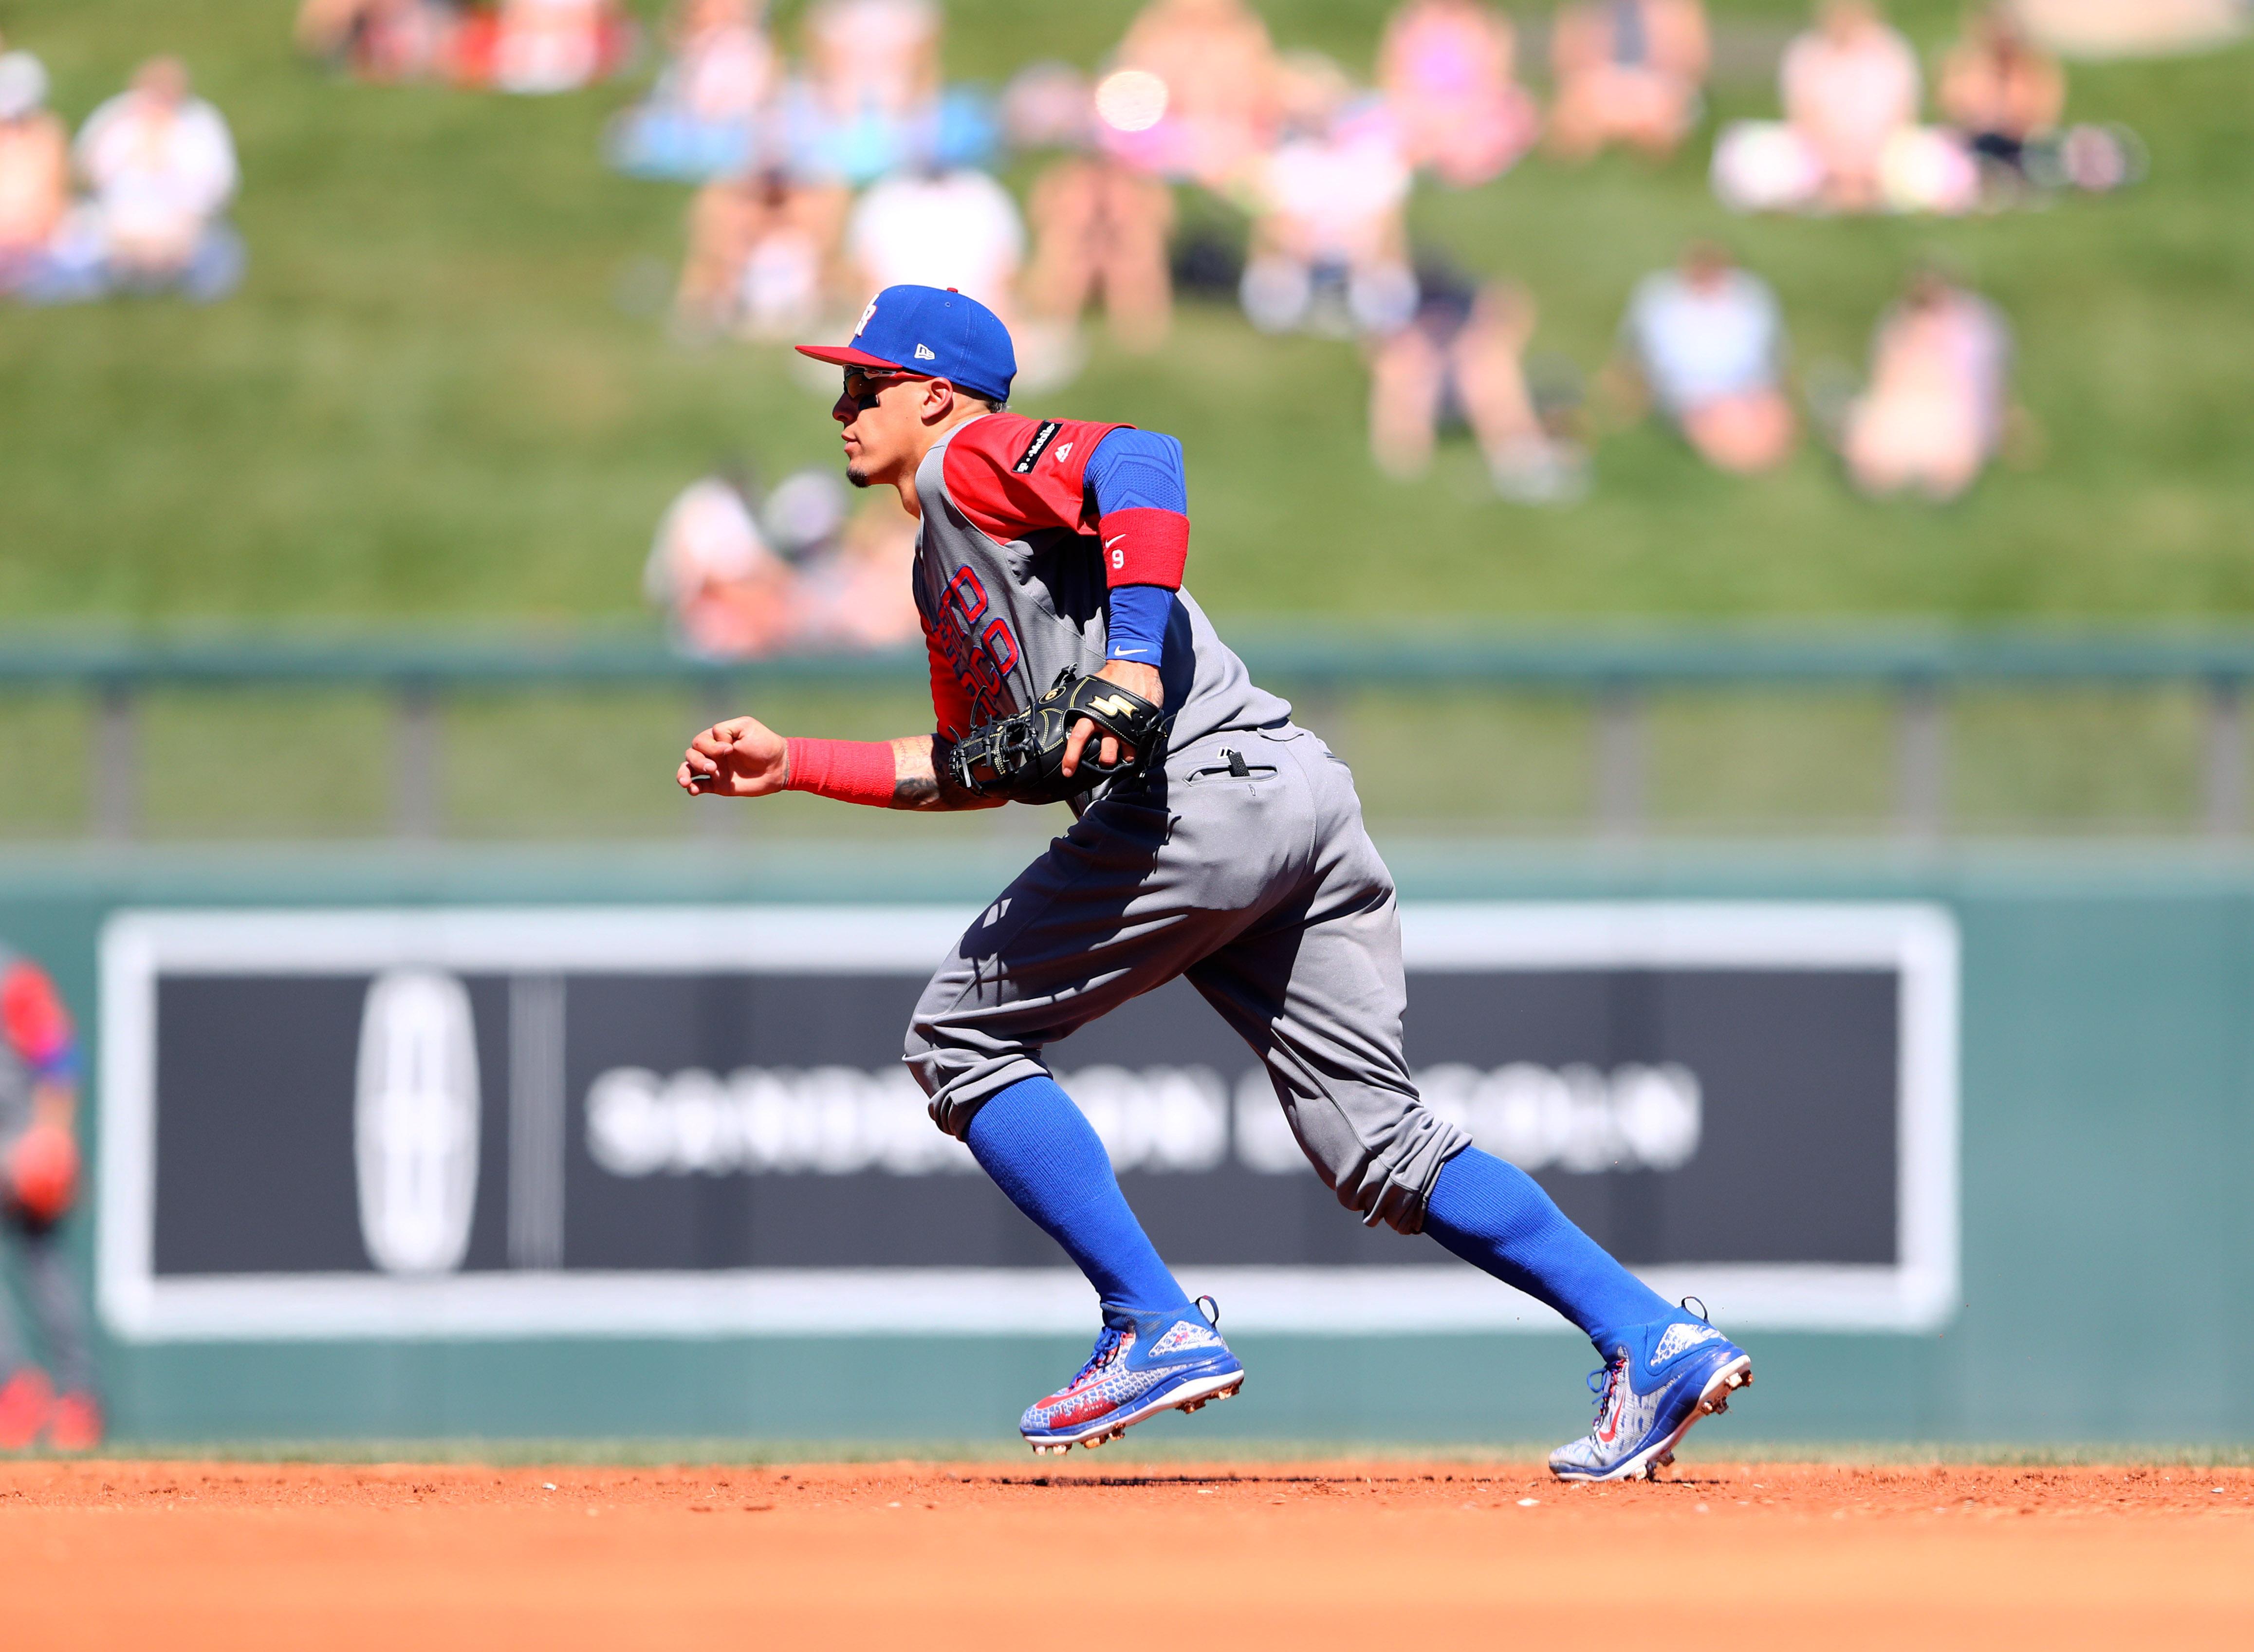 9928395-baseball-world-baseball-classic-exhibion-game-puerto-rico-at-colorado-rockies